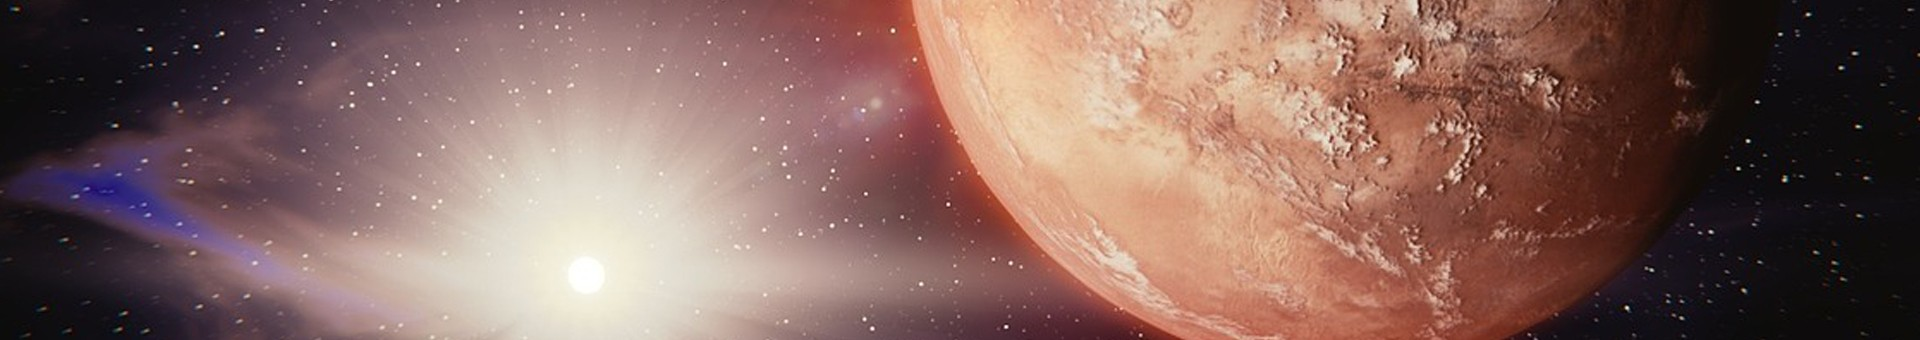 tetiere-astro-1920px340px-2081